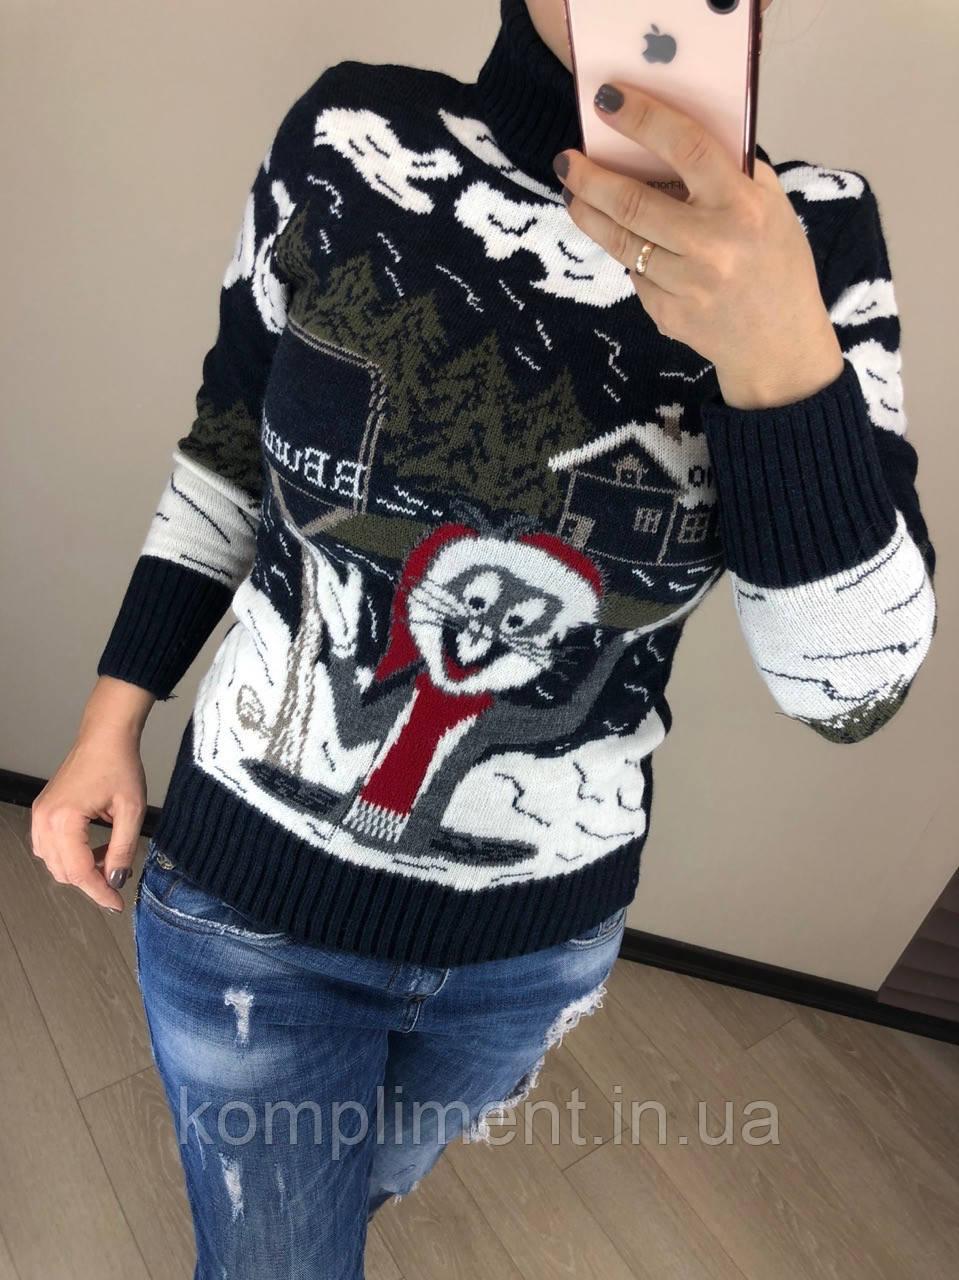 Шерстяной вязаный  турецкий свитер с рисунком кролик, синий